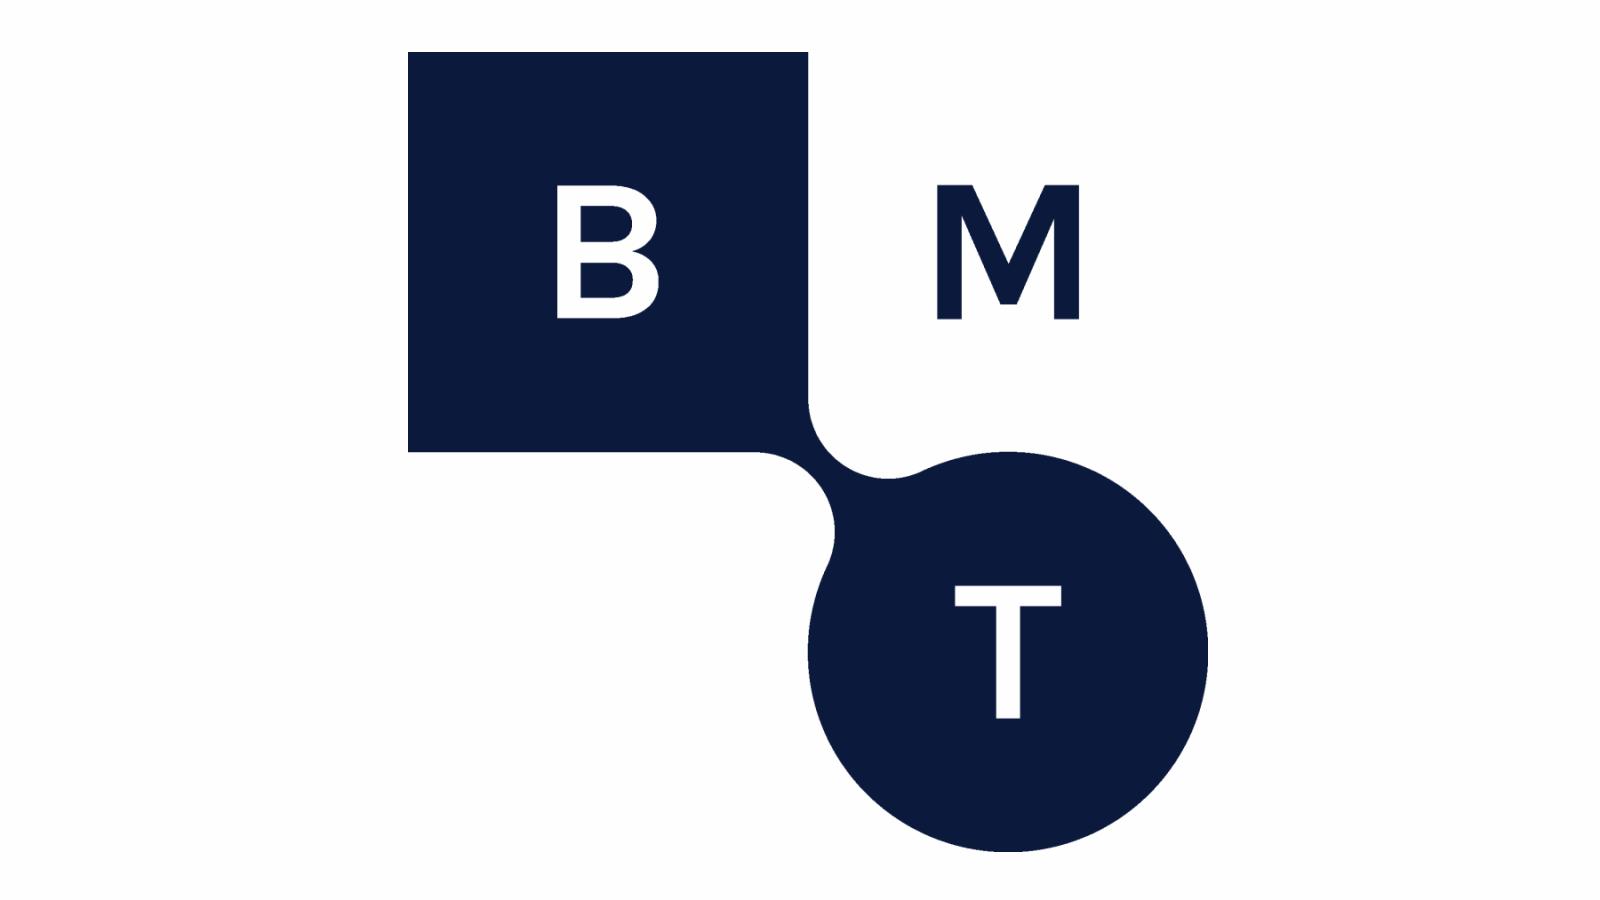 BMT AG